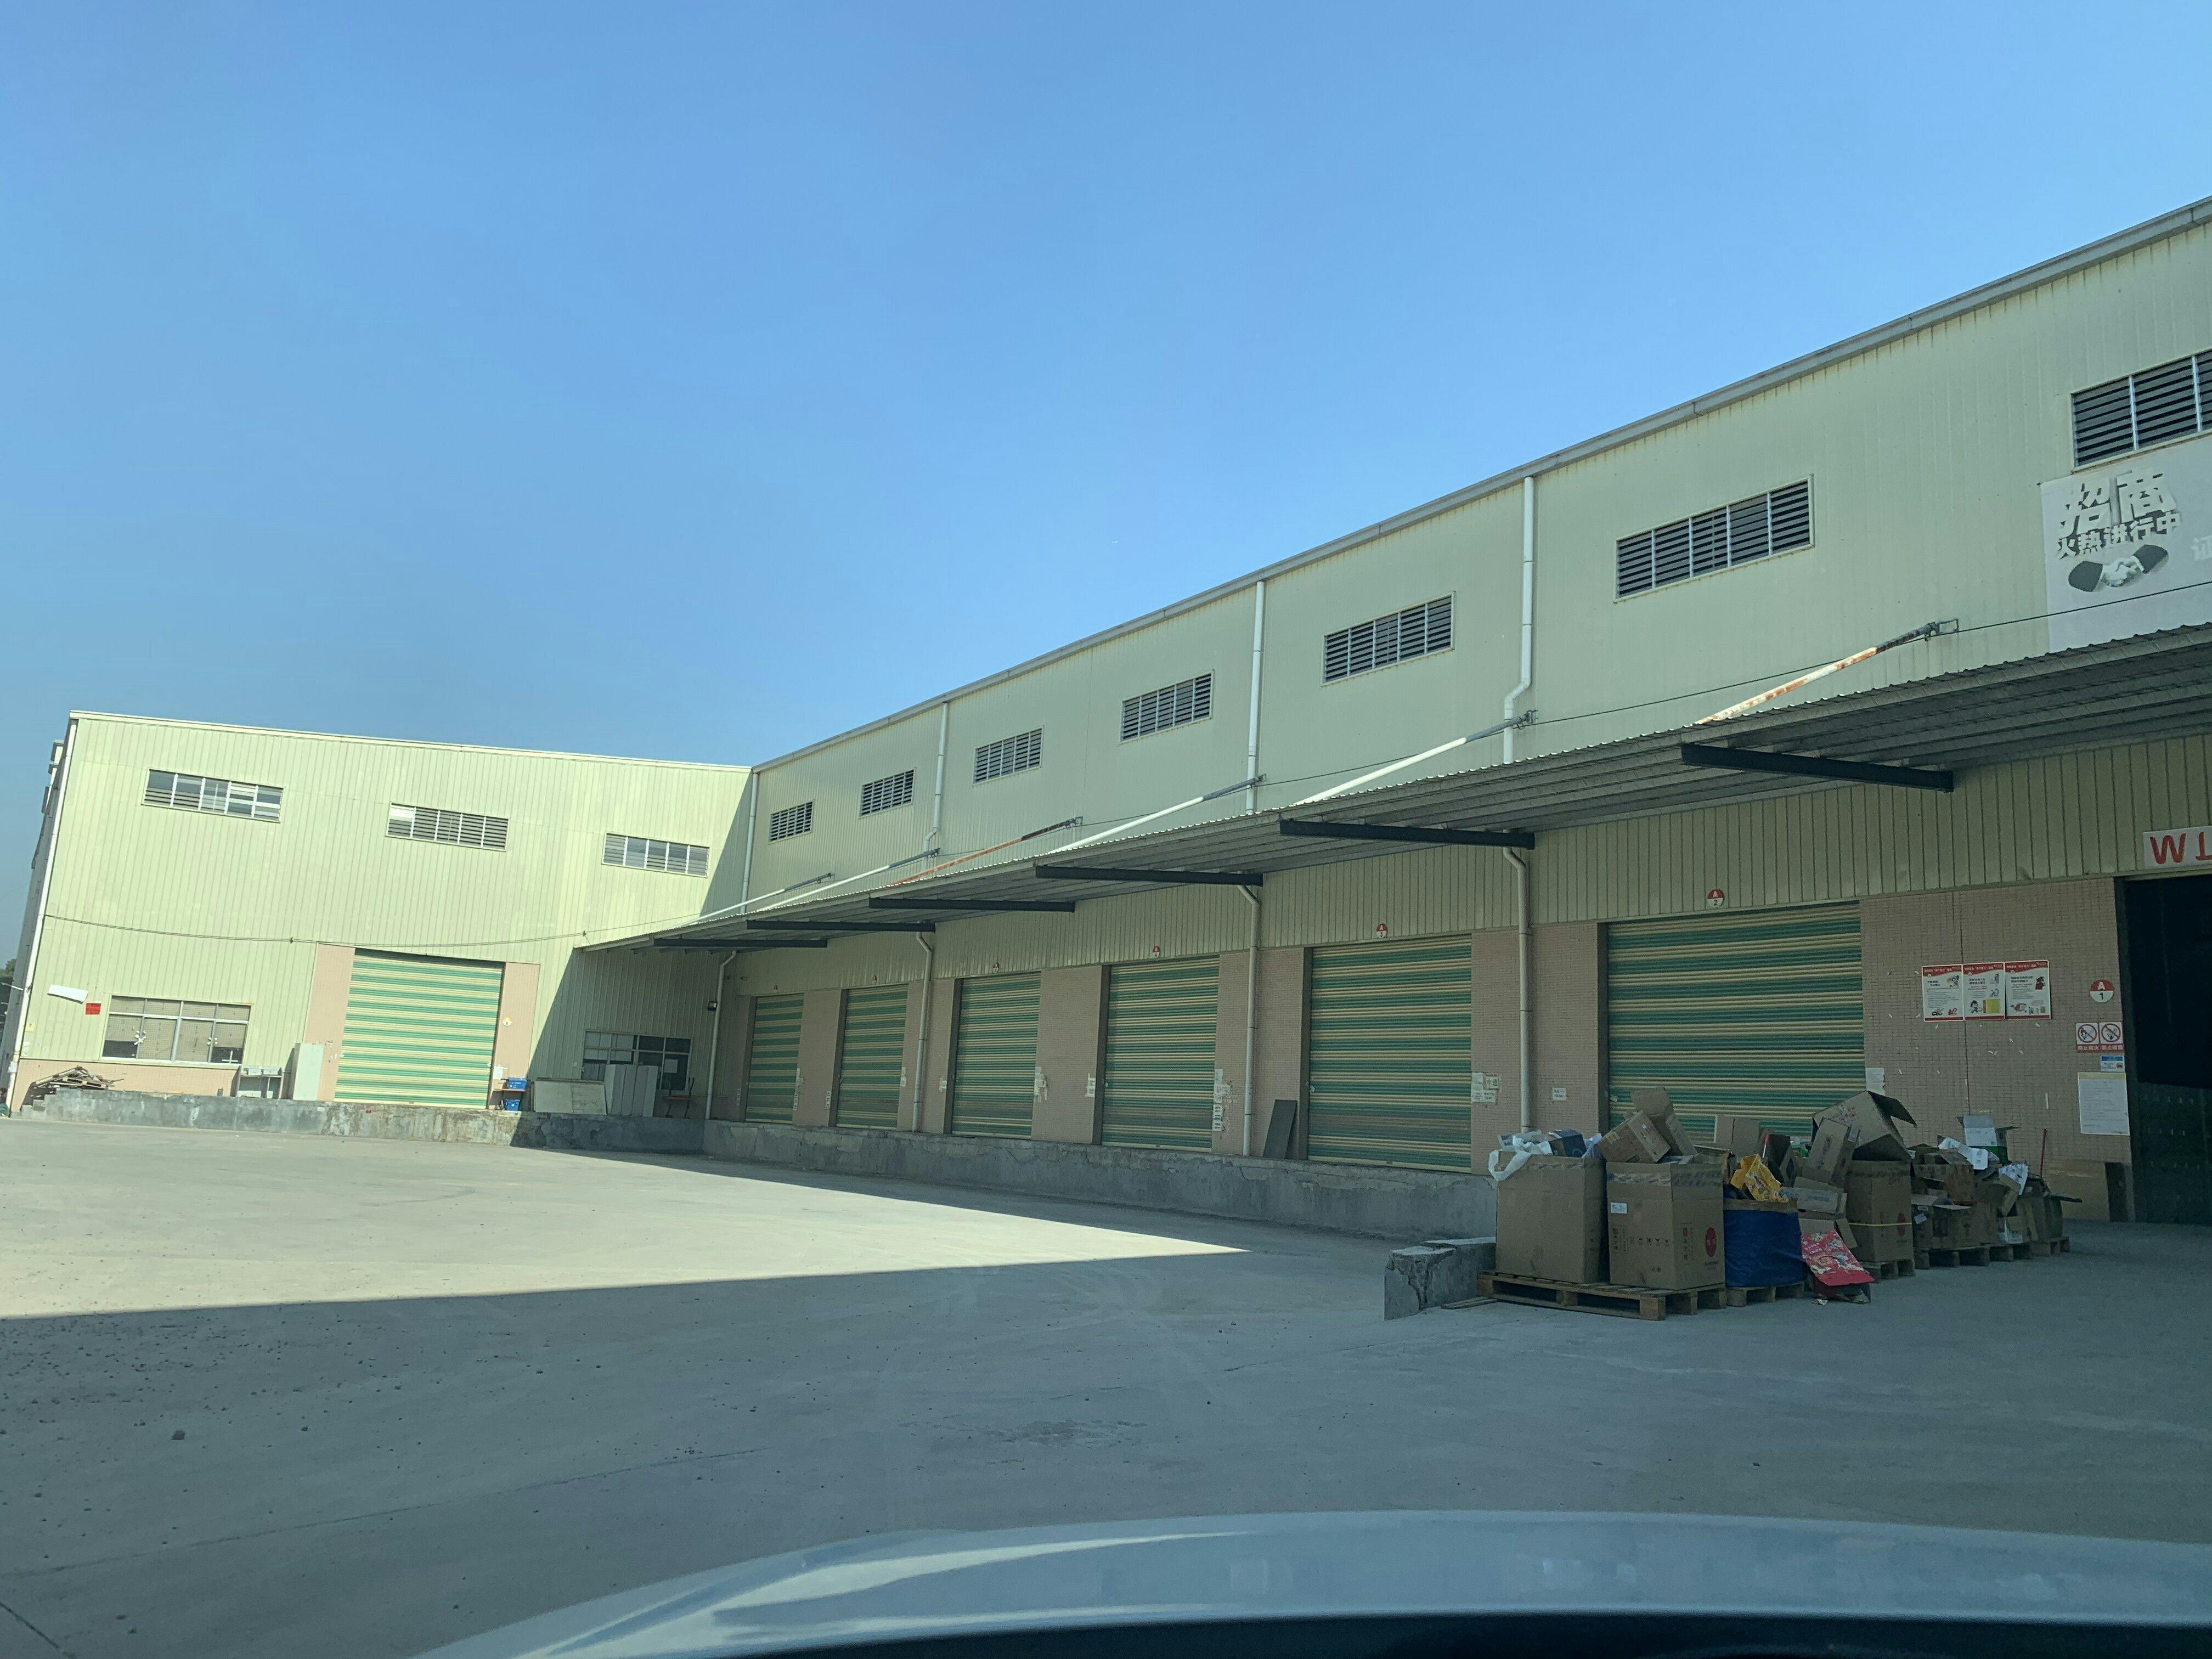 广州市黄埔区开发区新出危化品甲类仓库厂房出租远离居民区。